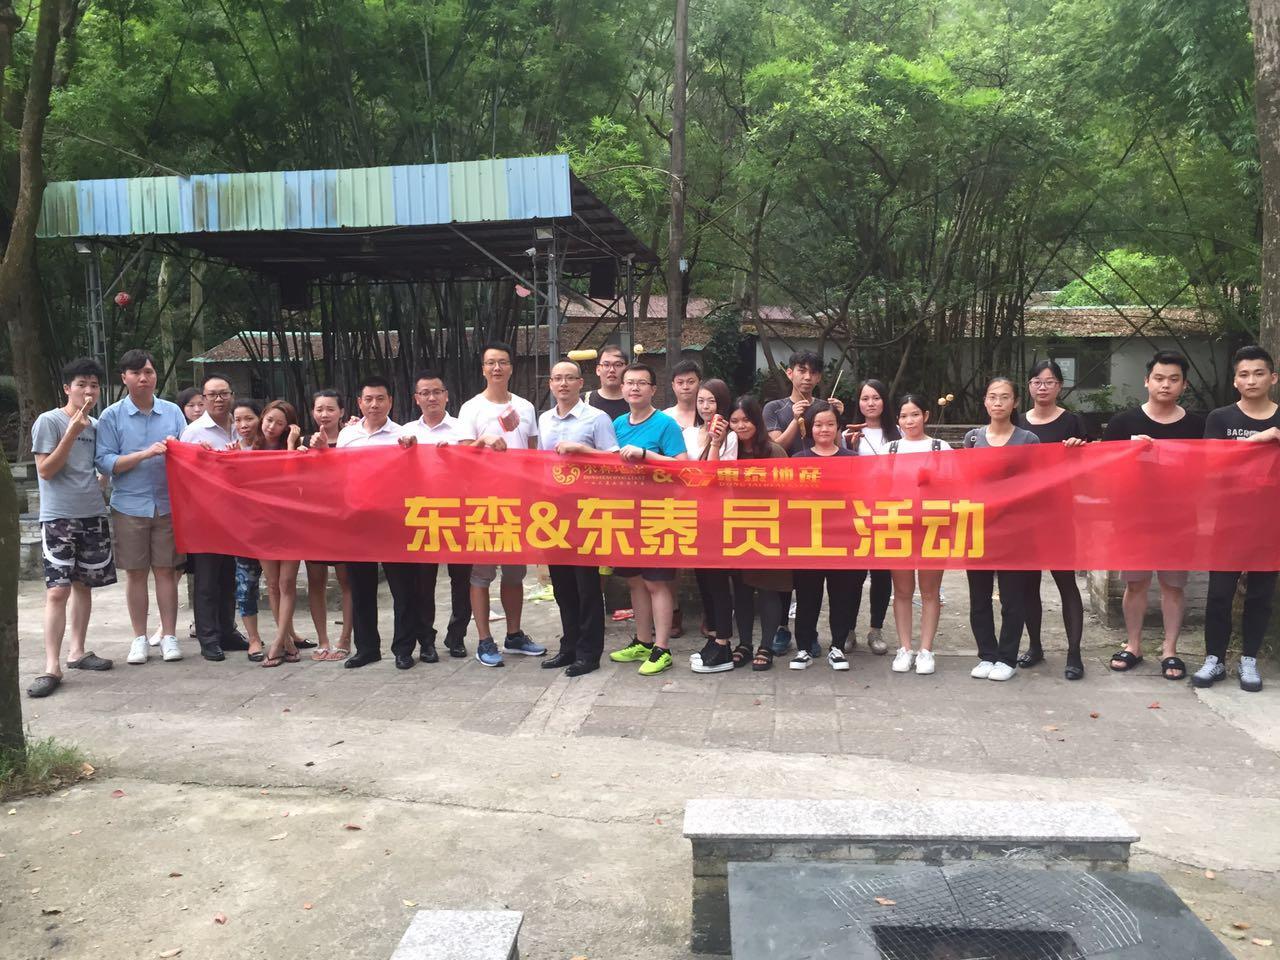 广东东森房地产顾问有限公司 _才通国际人才网_www.f8892.com